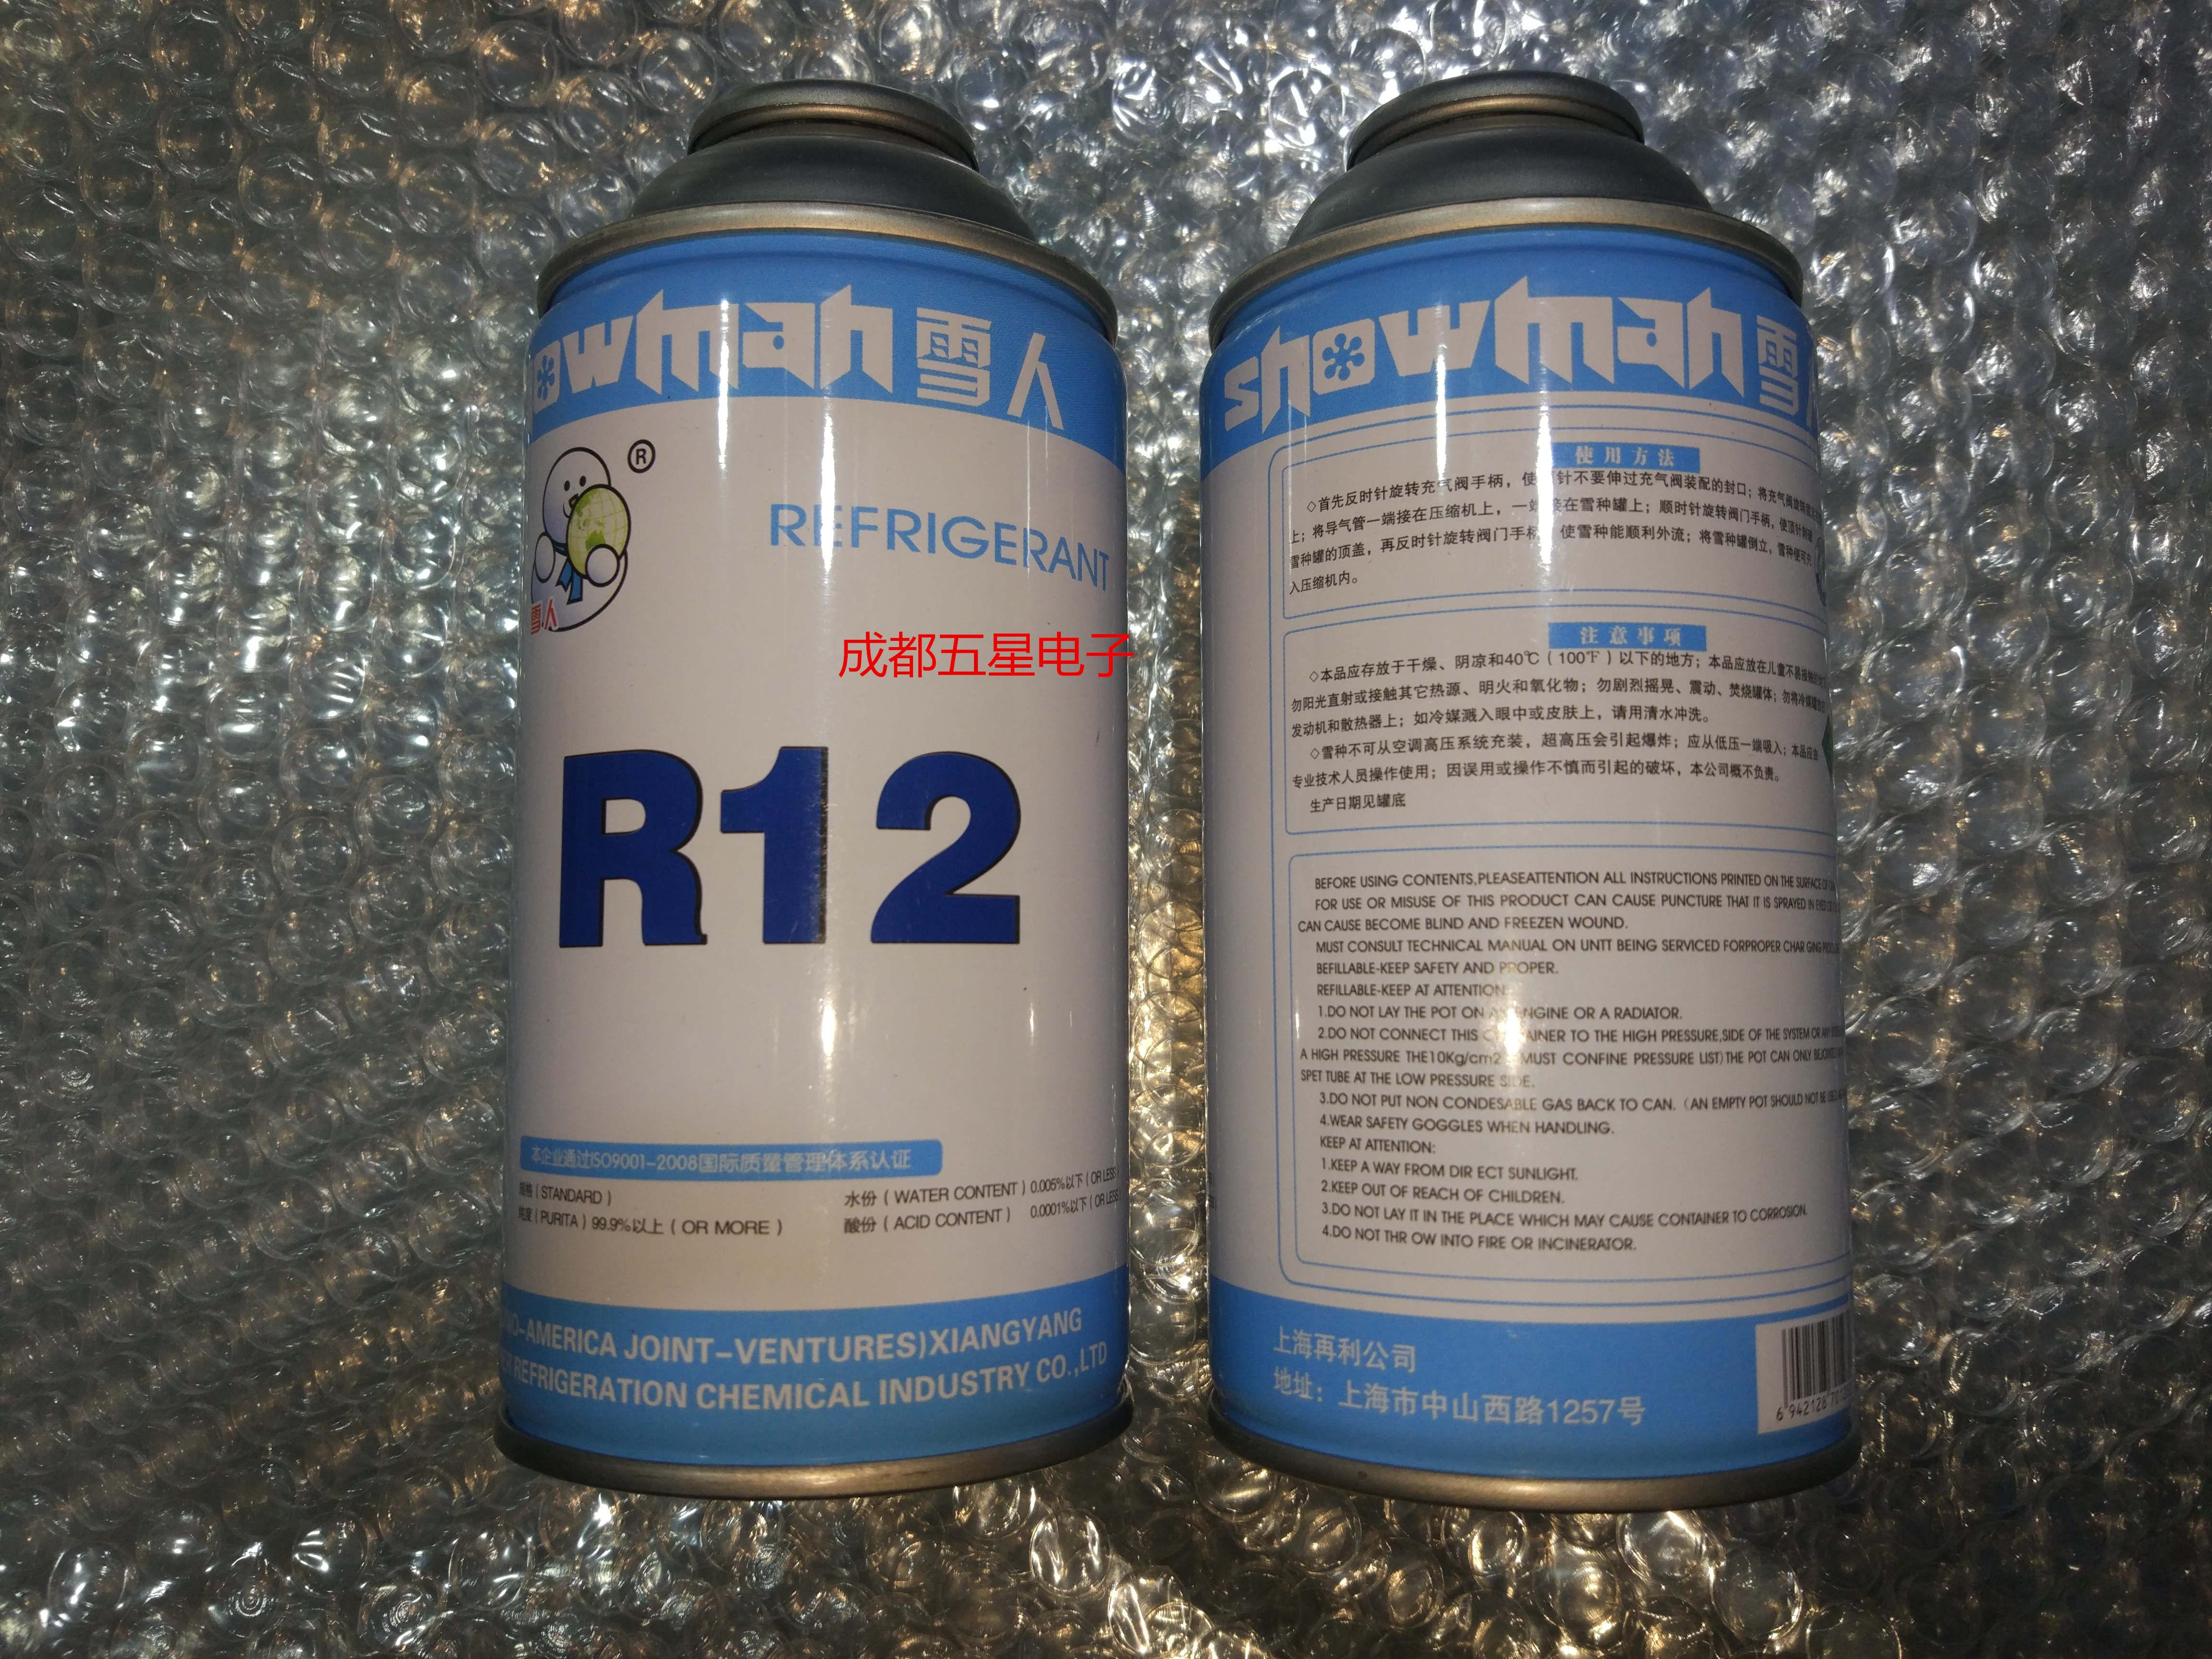 Der Schneemann kältemittel / kältemittel R12 / gefriergeräte schnee / EIS / brutto 300 Gramm FCKW 12 /